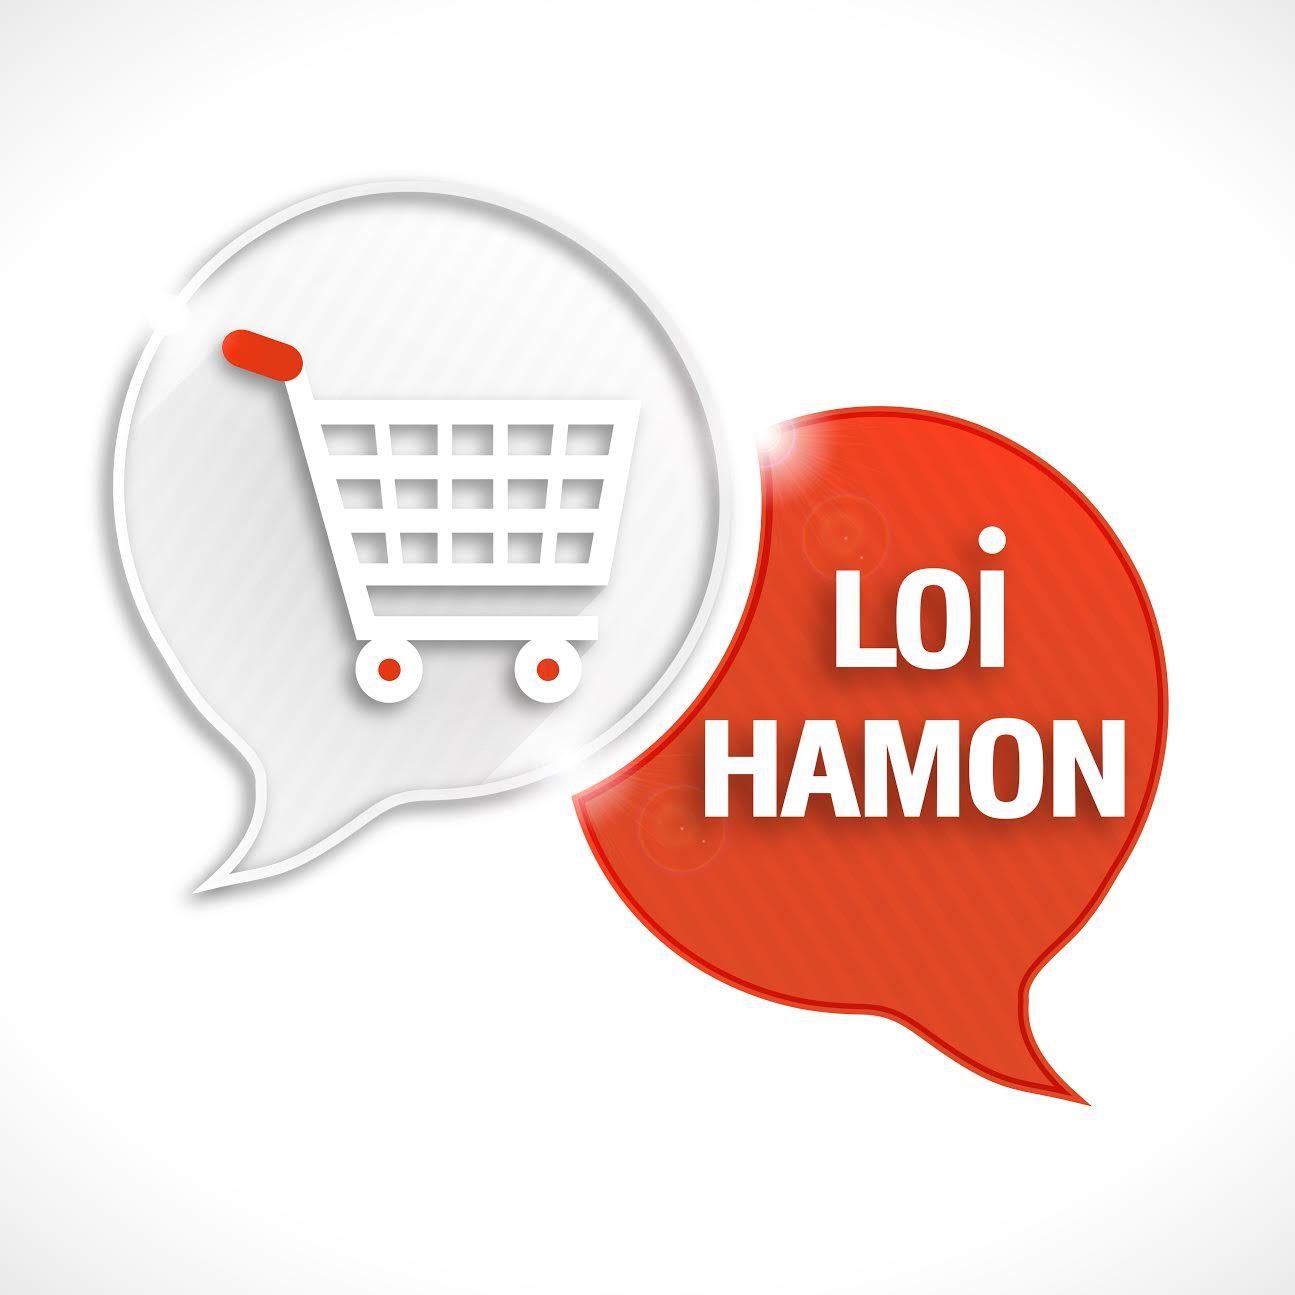 Loi Hamon assurance : garder un oeil sur les offres